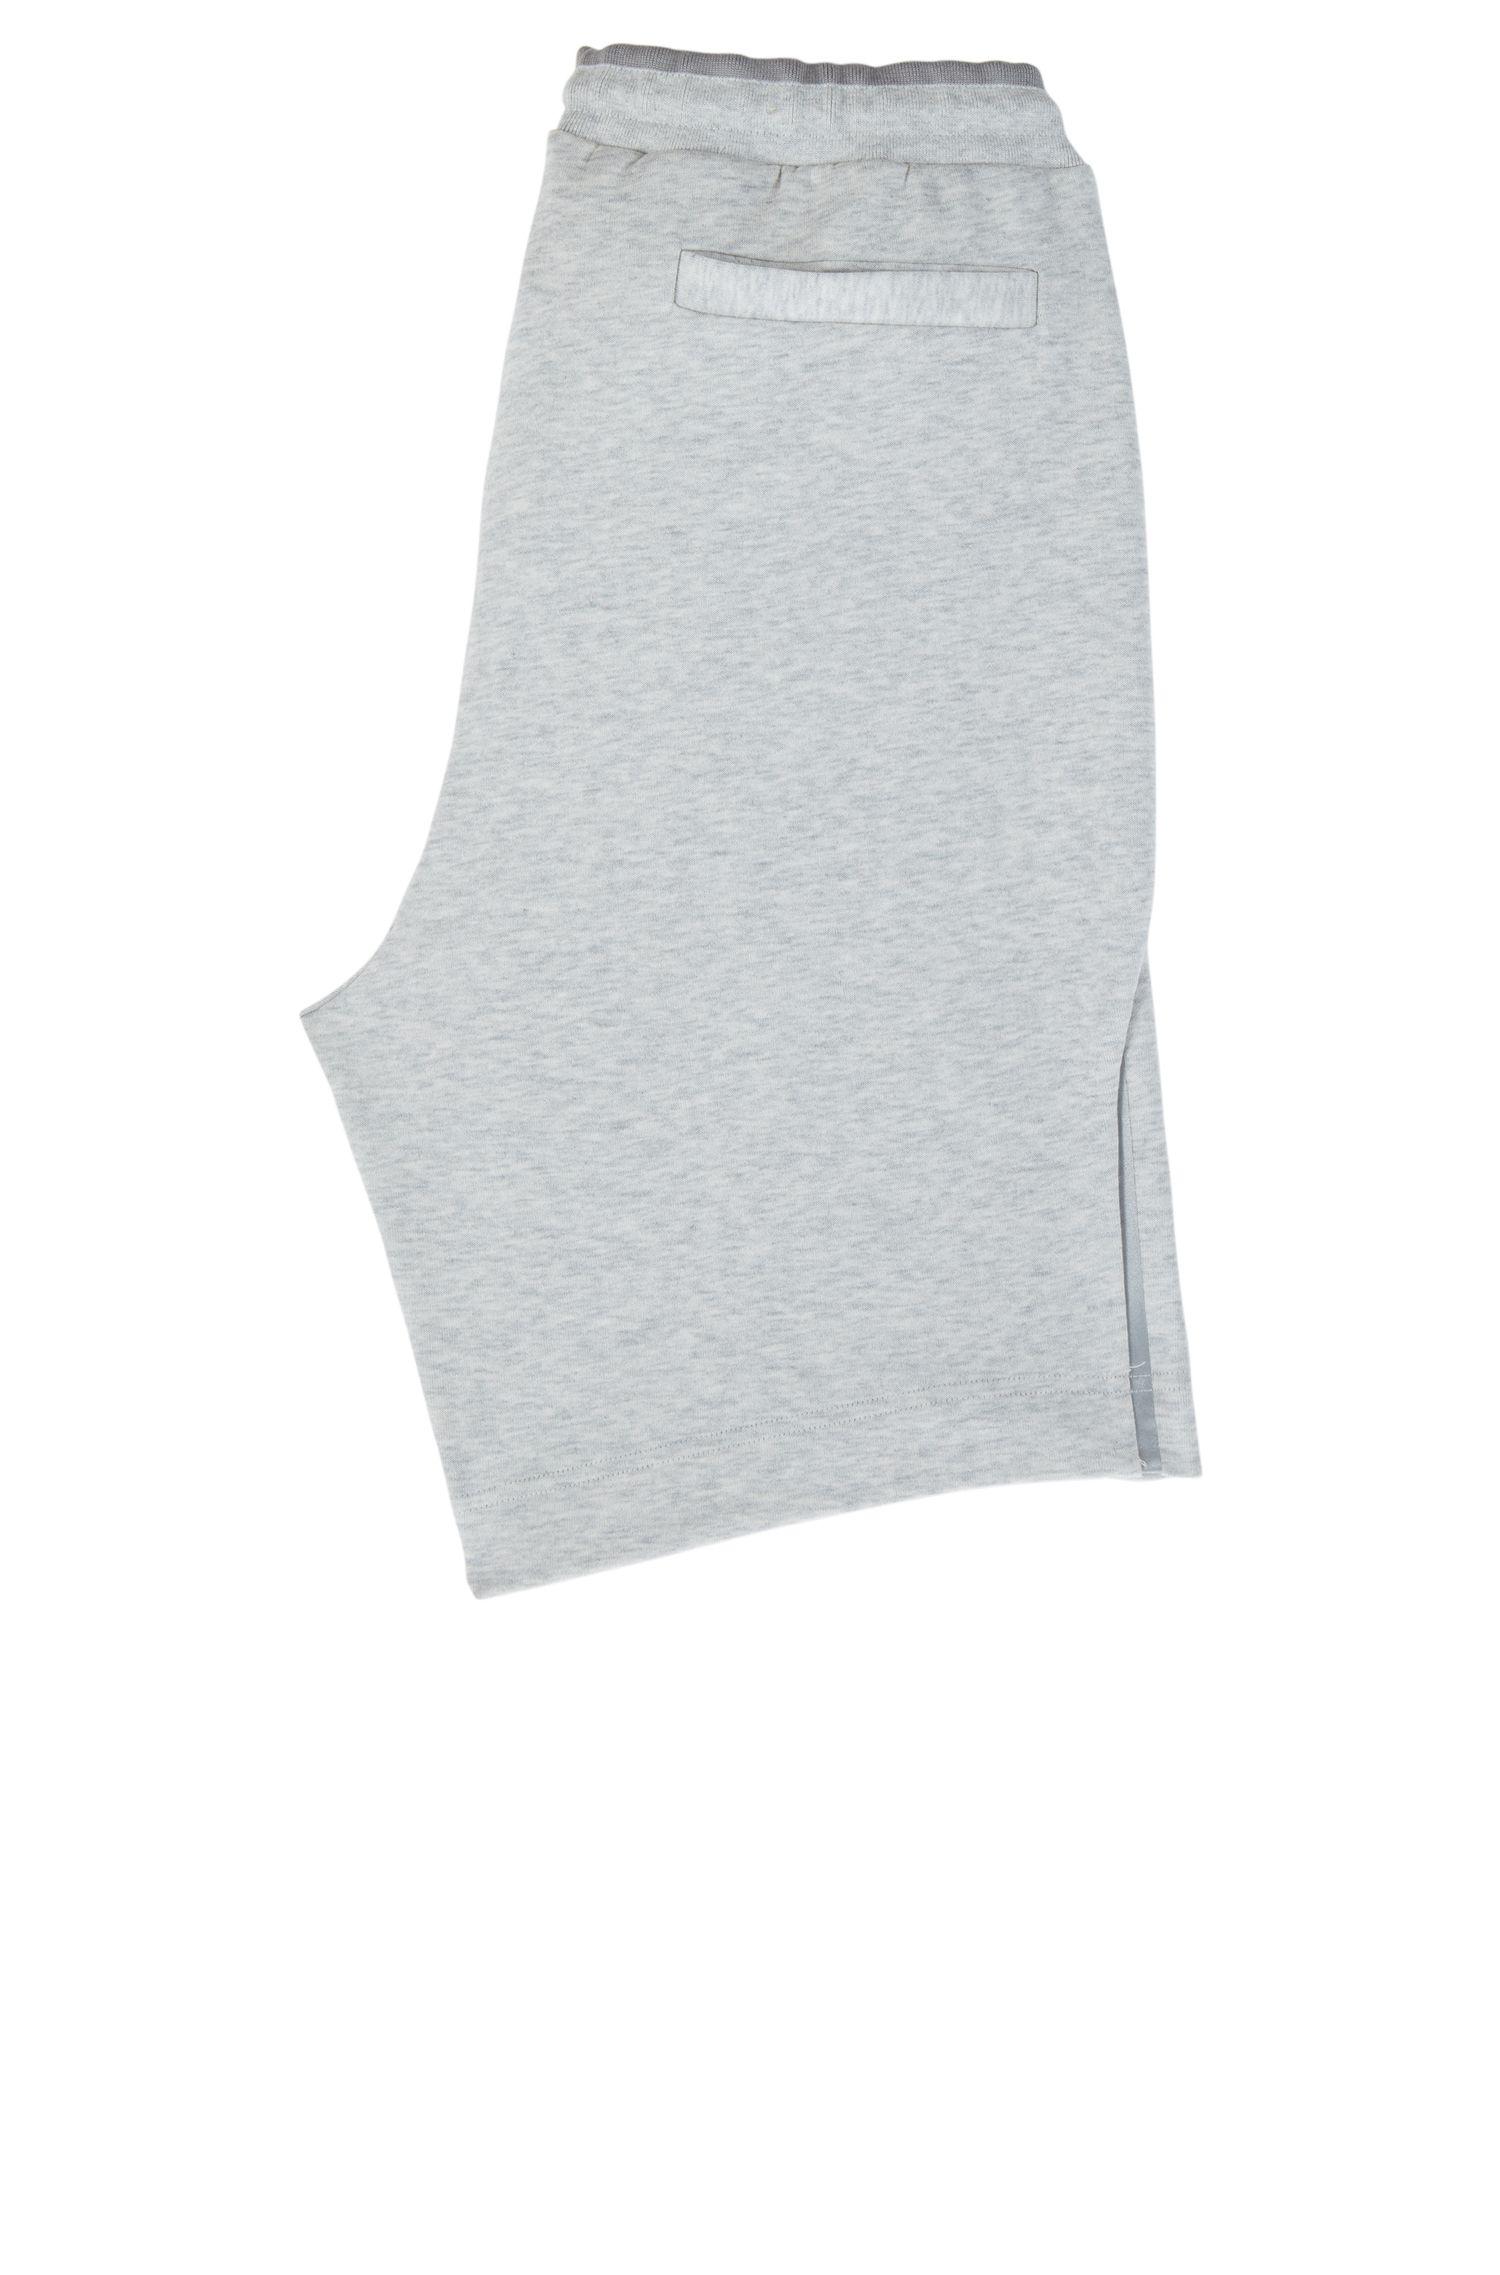 Shorts de mezcla de algodón con elementos reflectantes, Gris claro